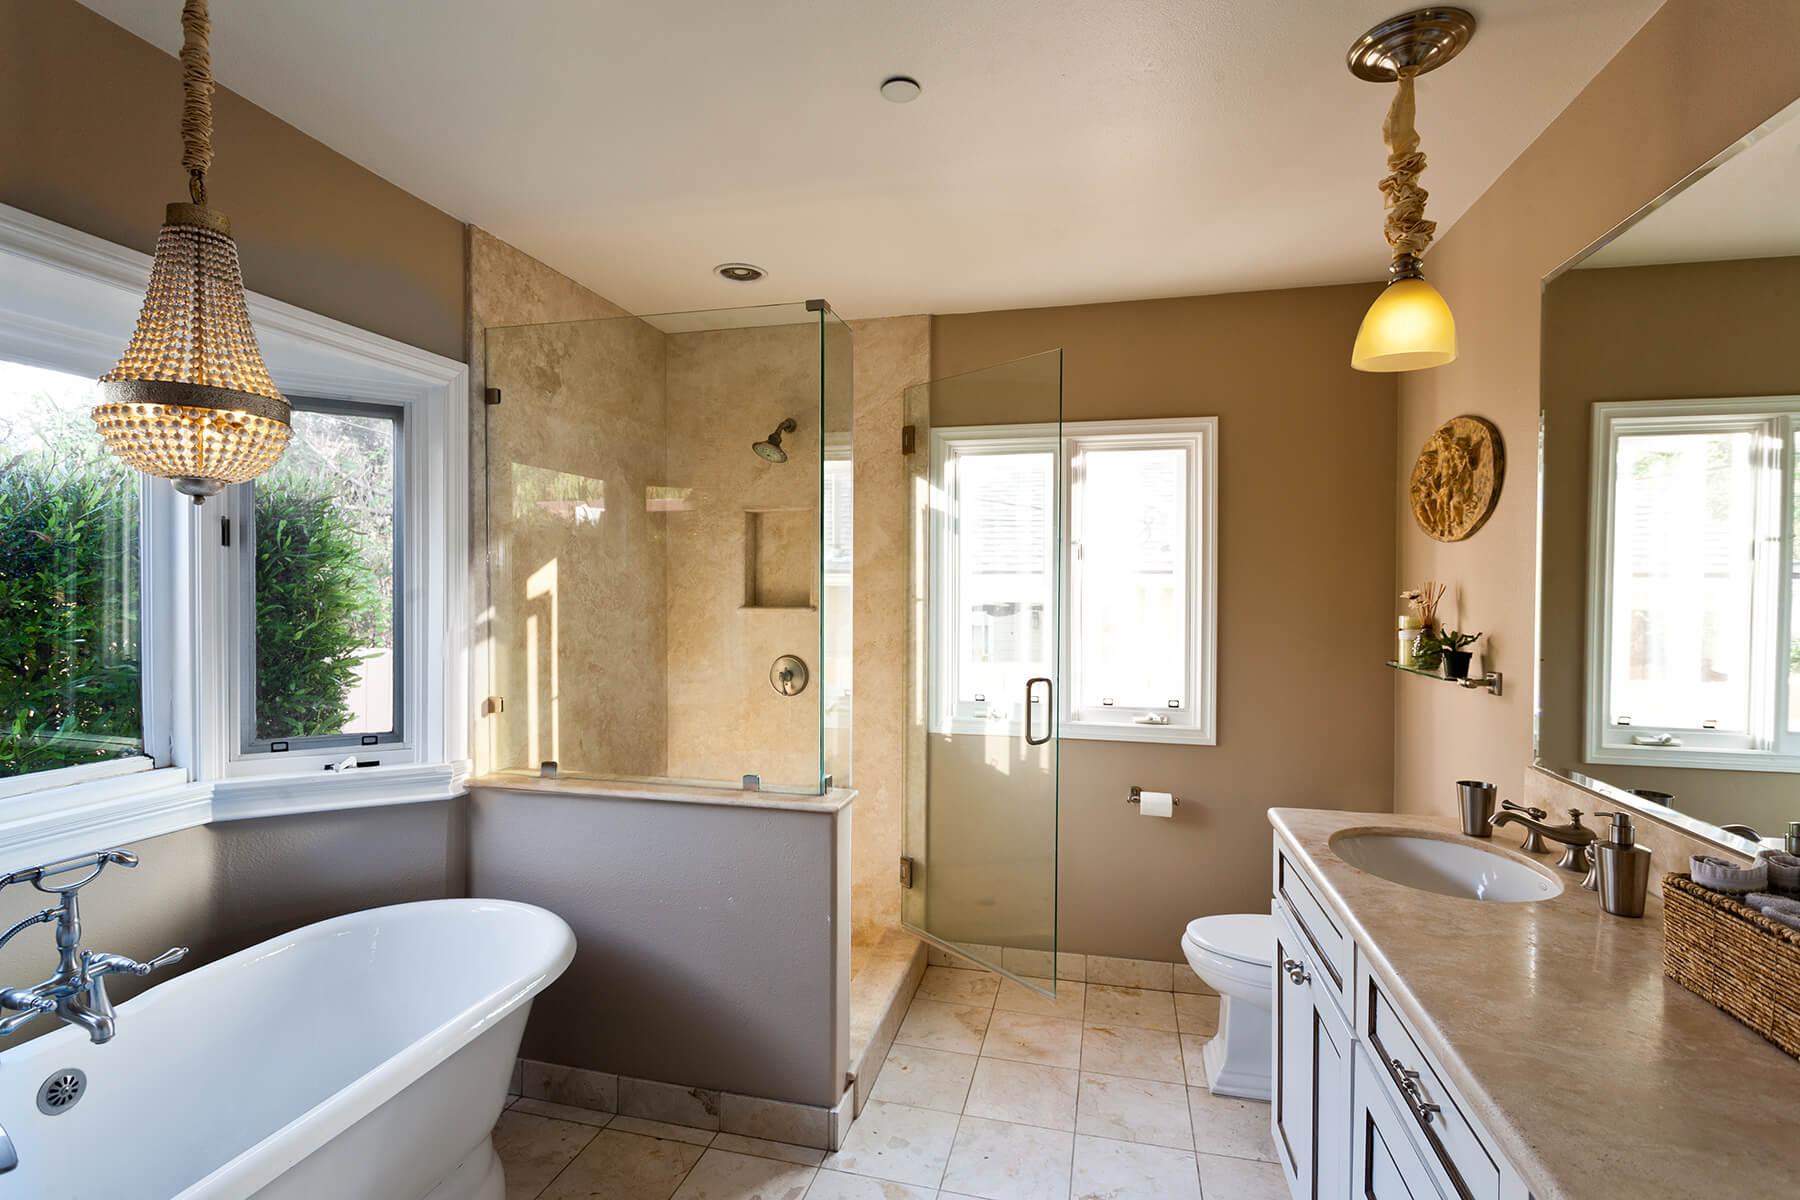 Badkamer Toonzaal Leuven : Welkom bij horemans keukens op maat badkamer interieur